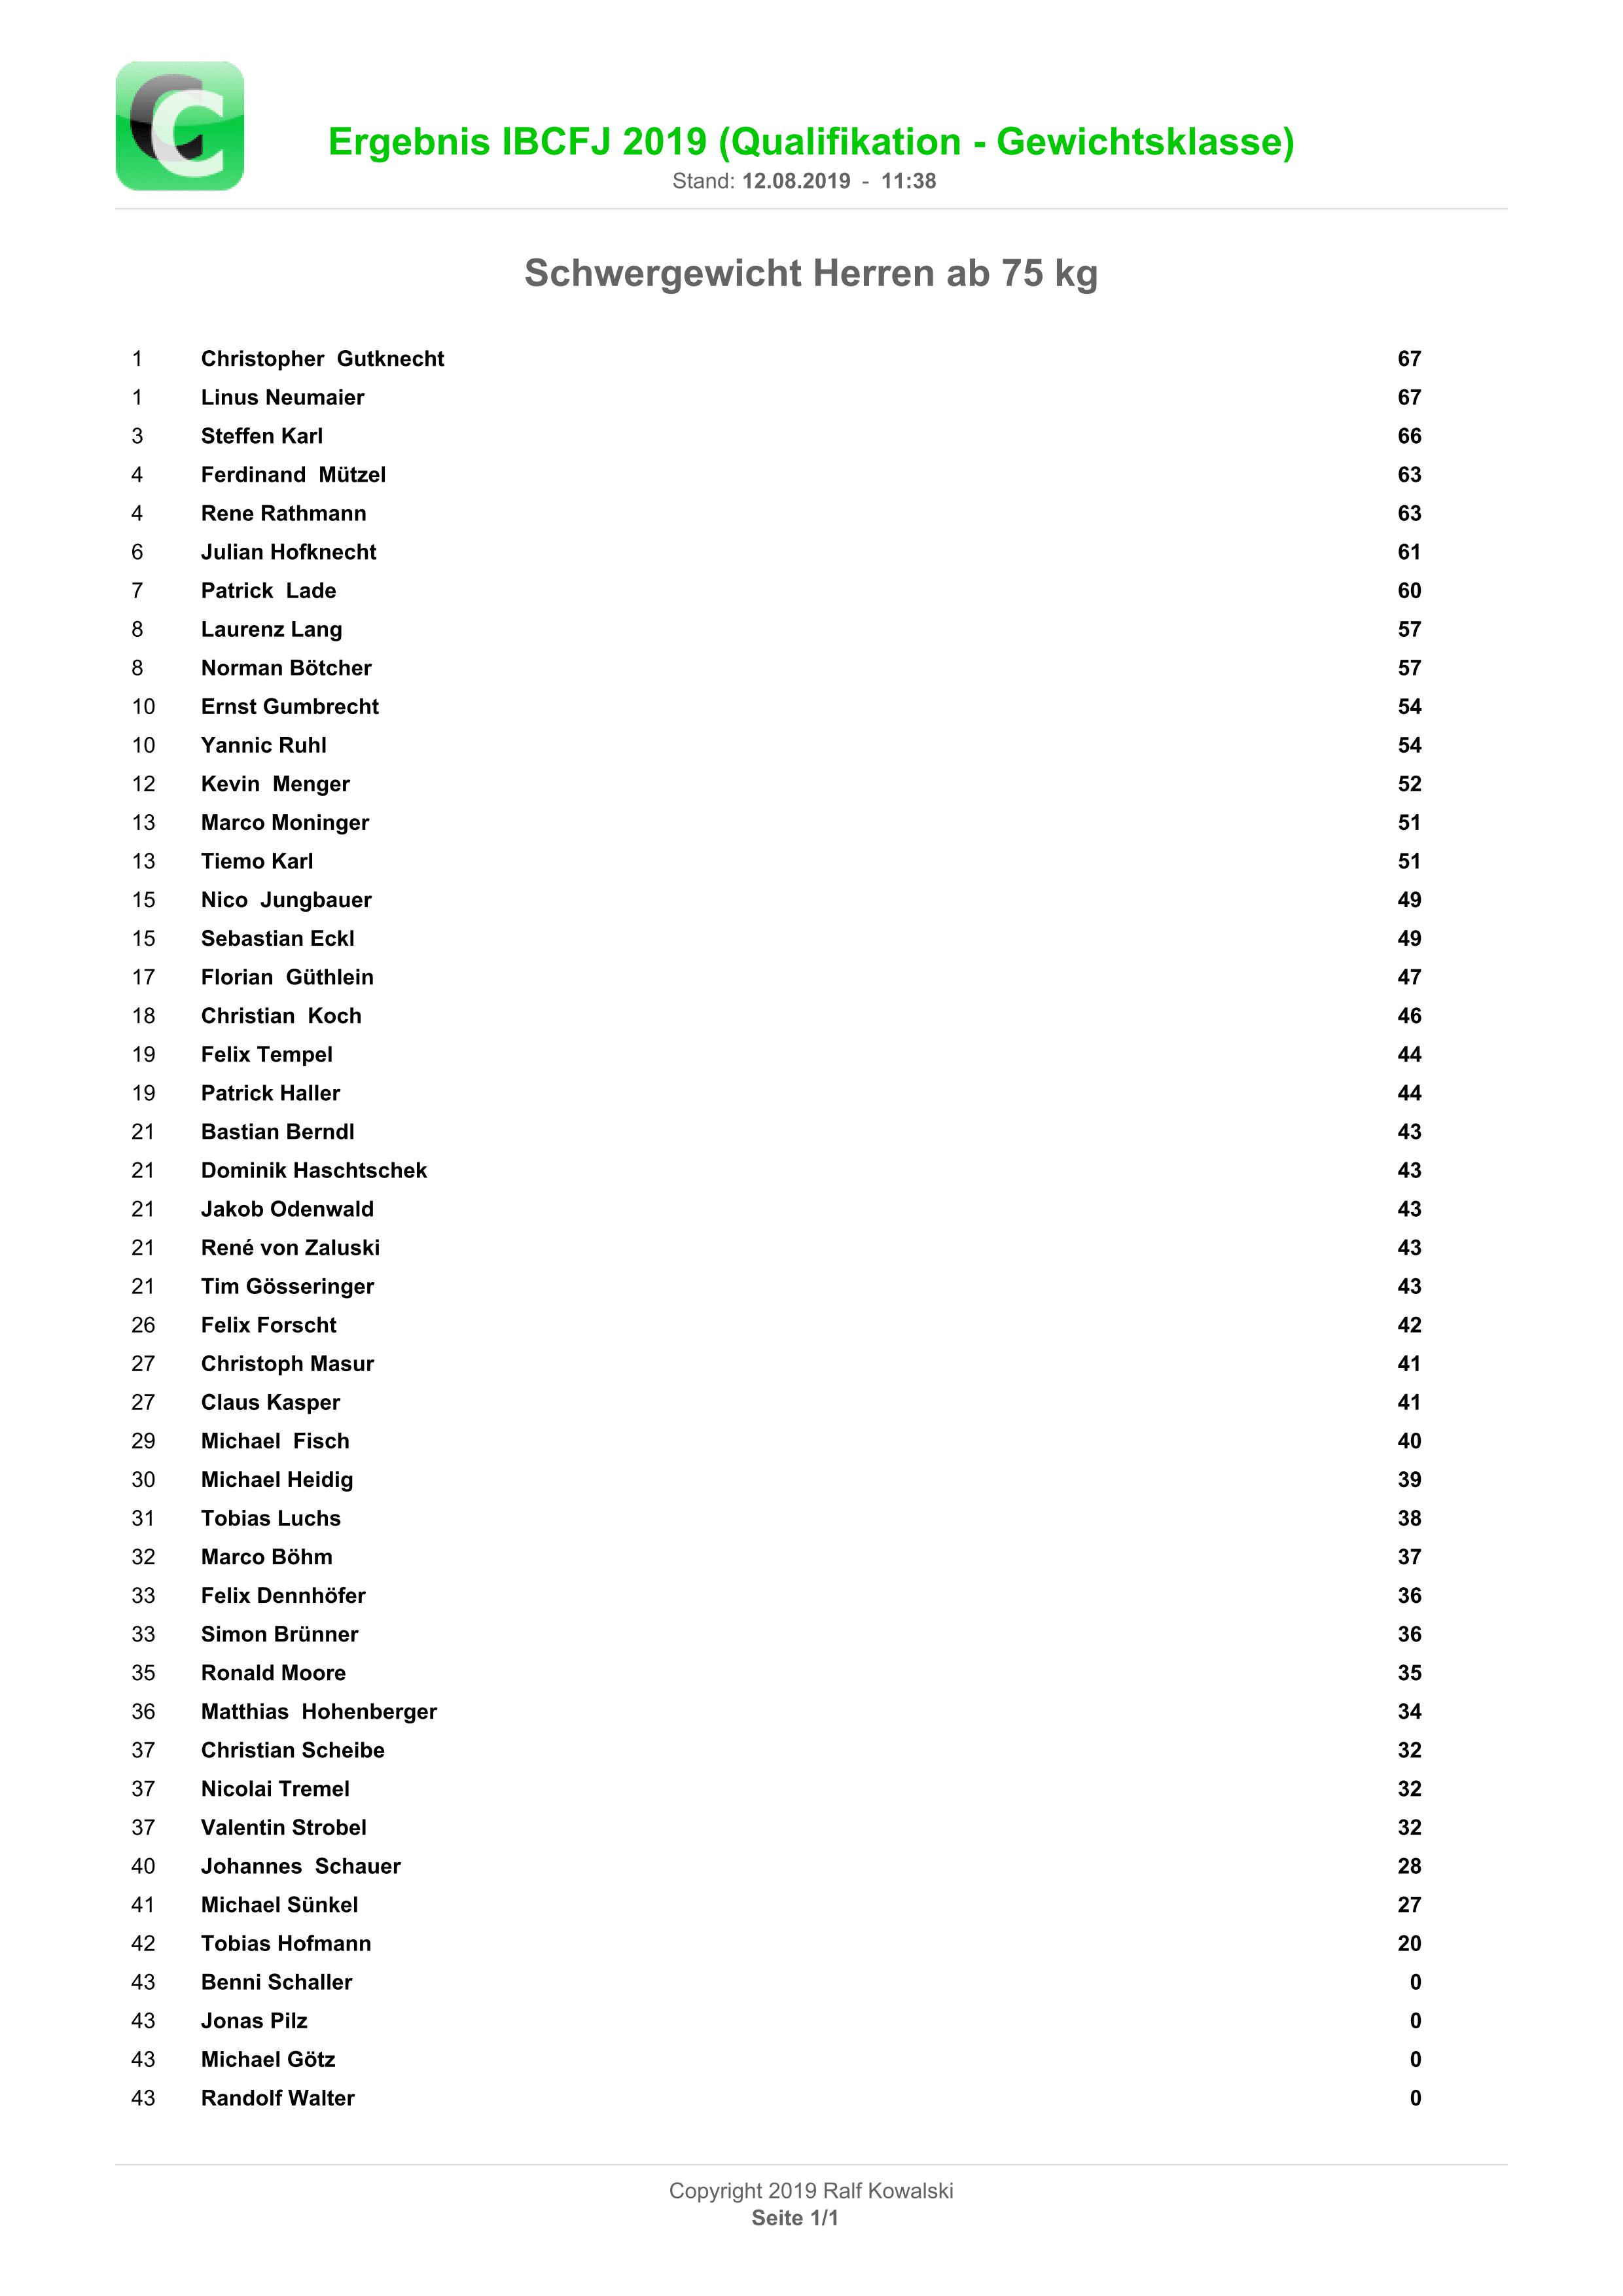 Ergebnisliste Schwergewicht Herren